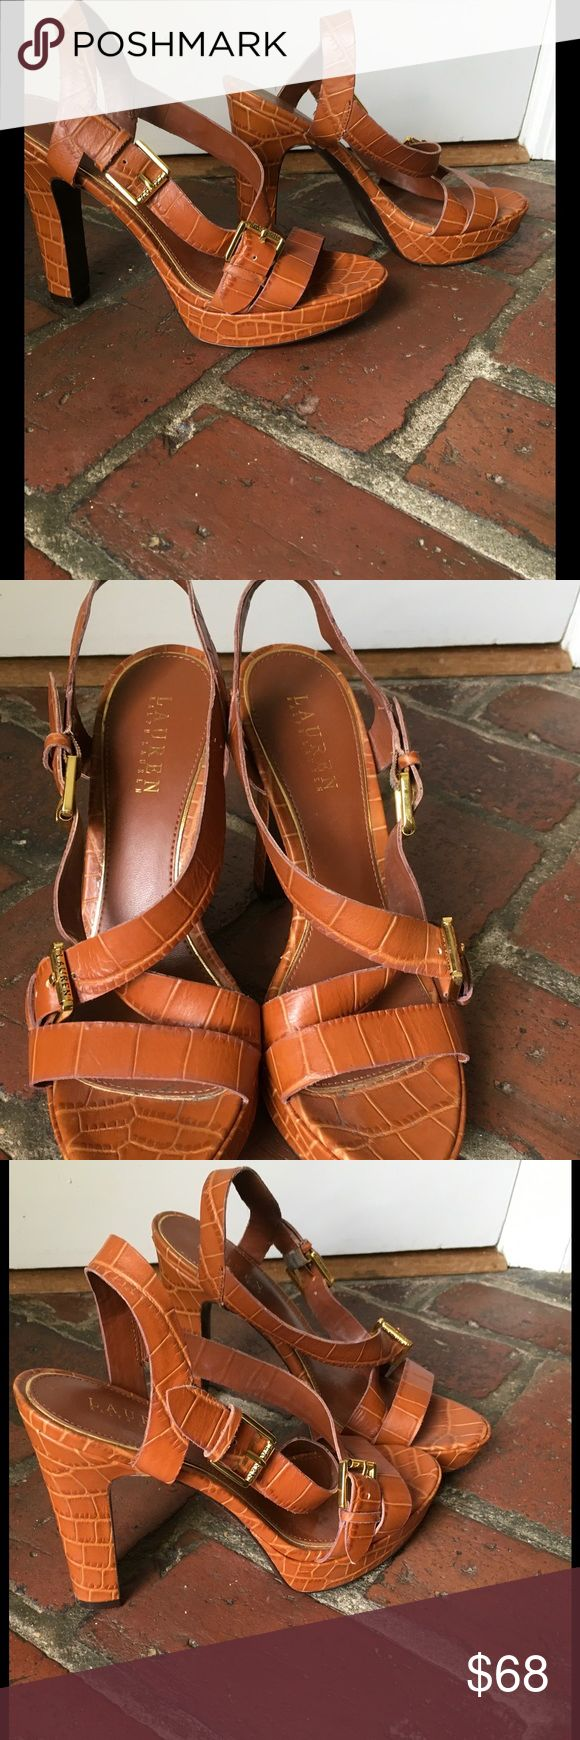 """RALPH LAUREN HEELS, SIZE 8.5 Cute, straps burnt orange/light cognac heels.  Lightly worn.  5"""" heel height Ralph Lauren Shoes Heels"""